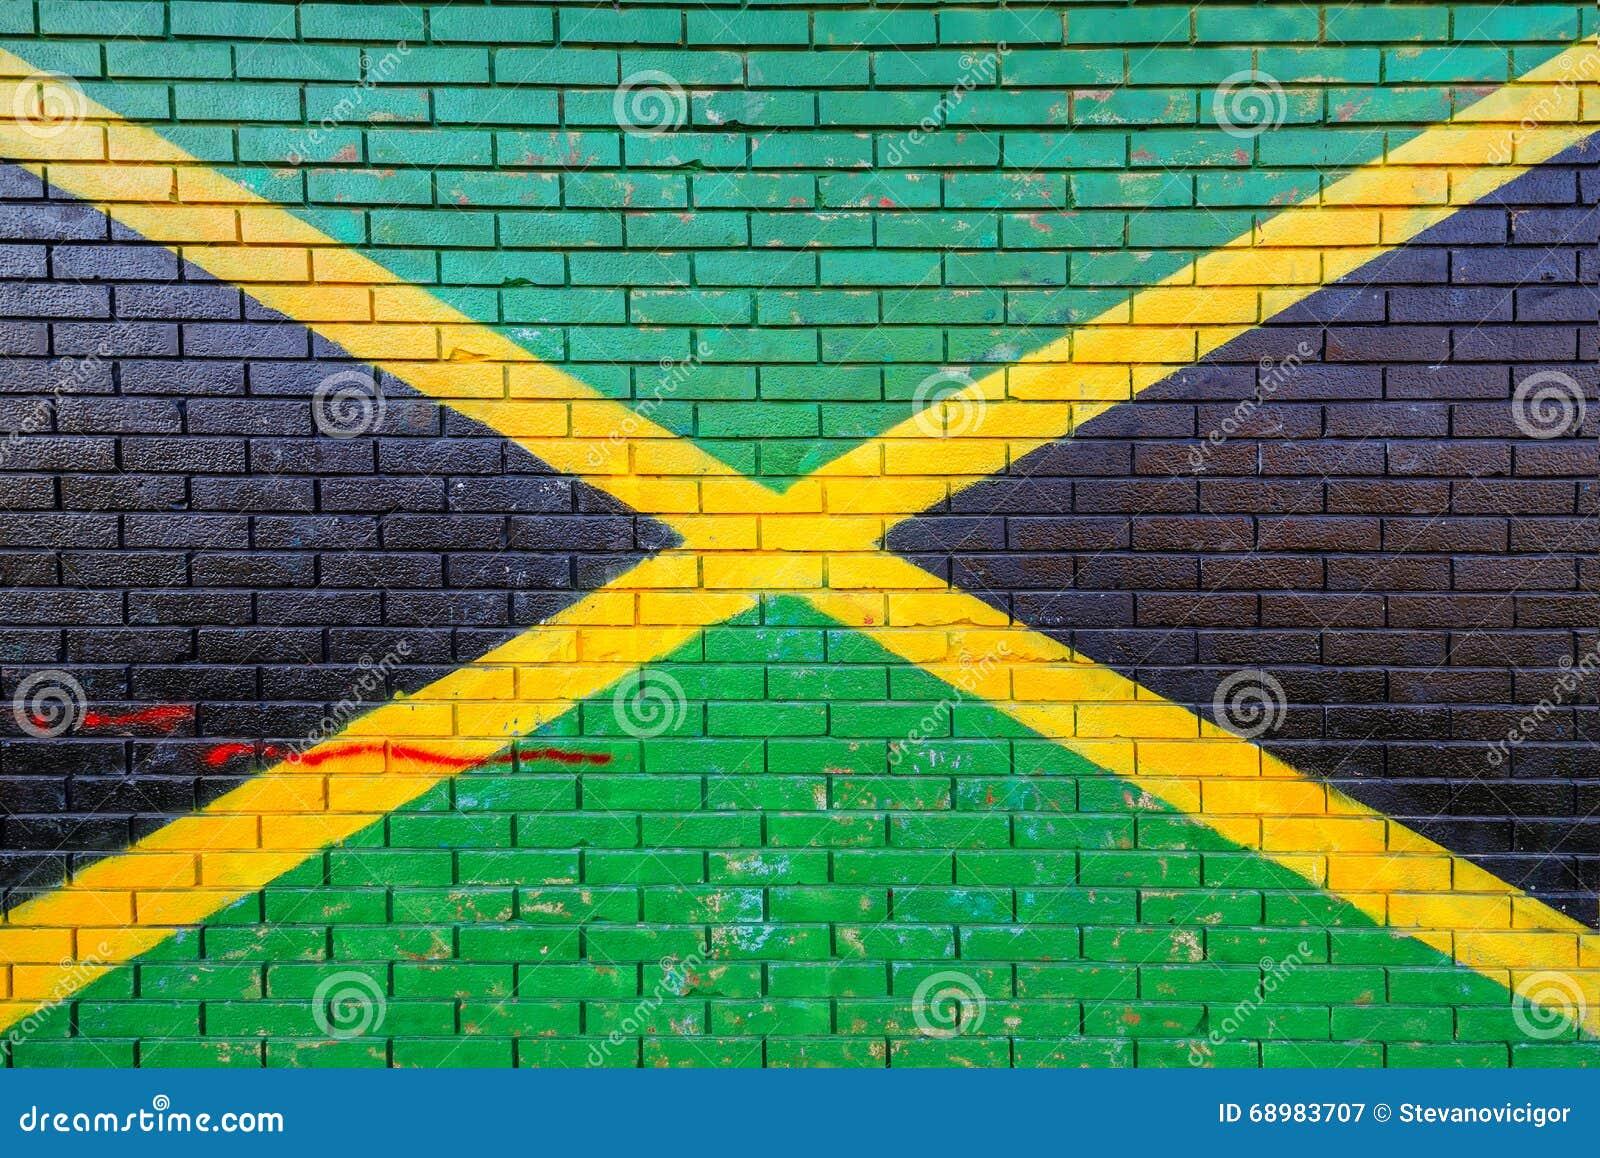 Bandera de Jamaica pintada en la pared de ladrillo